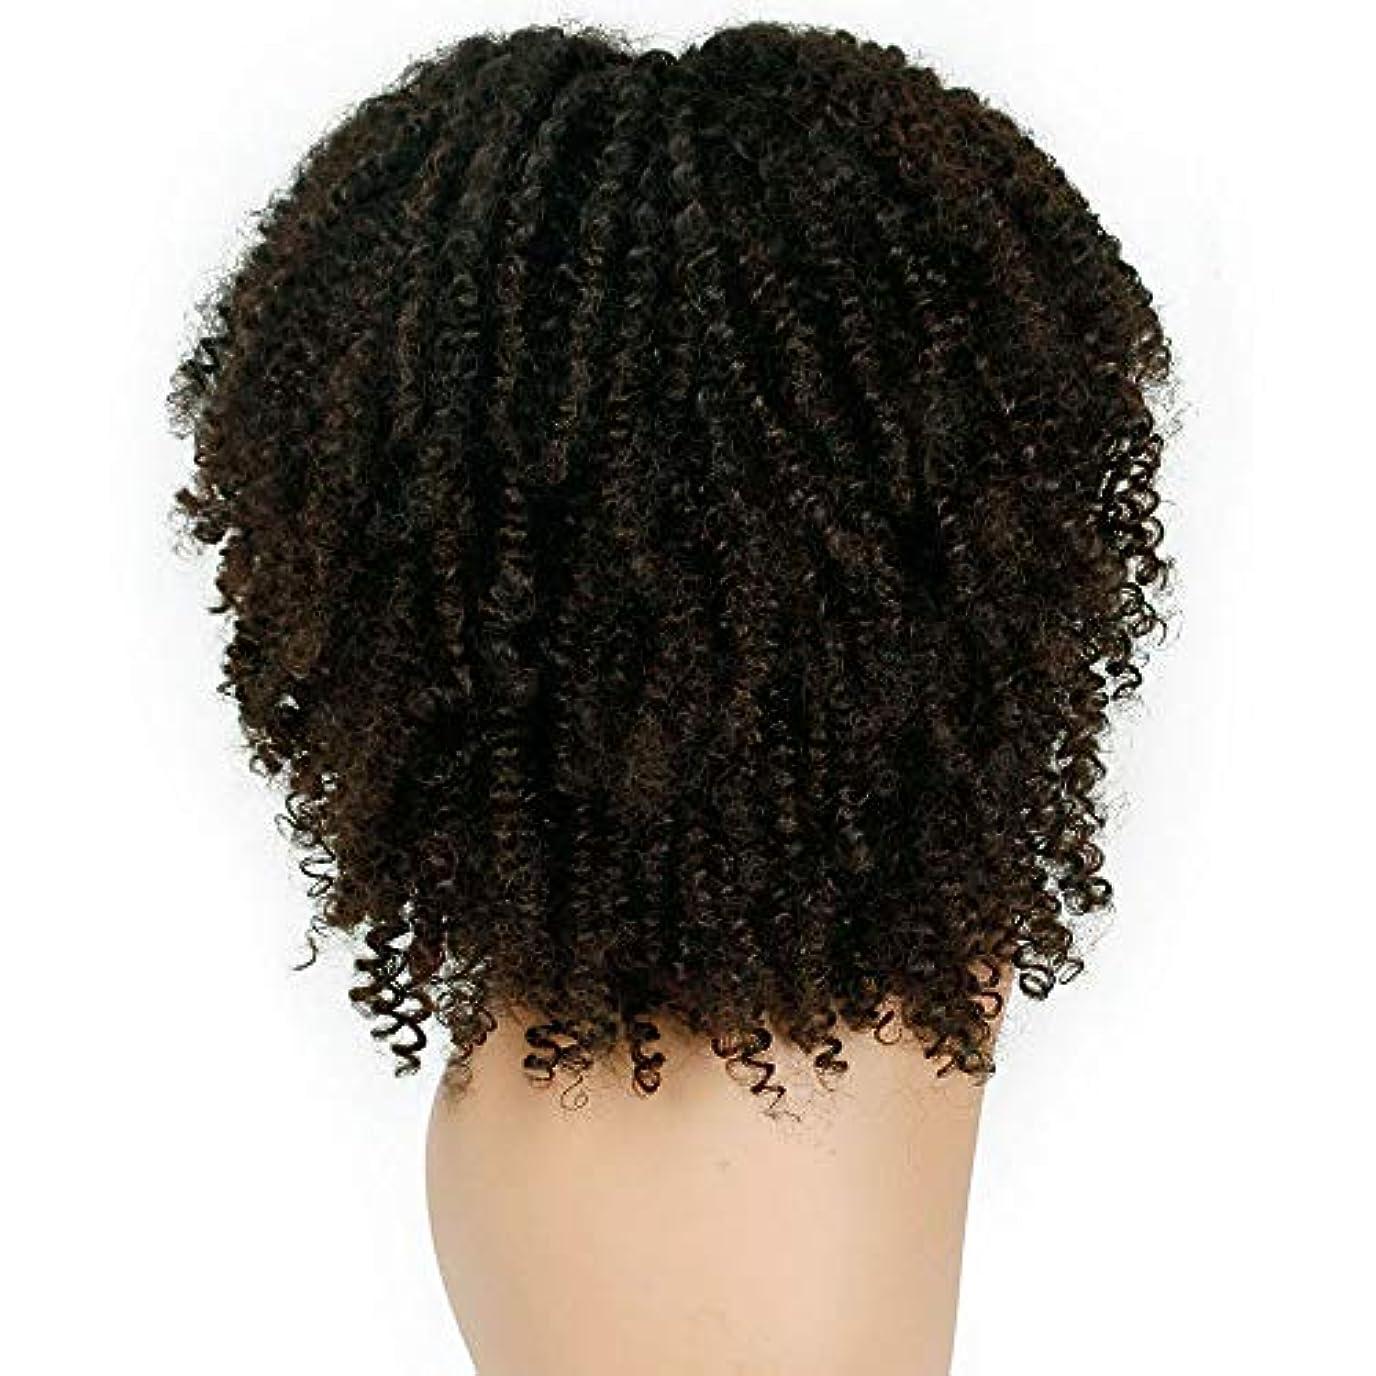 クラシック思いつく樹木女性かつらふわふわ爆発ヘッド巻き毛化学繊維かつら38 cm